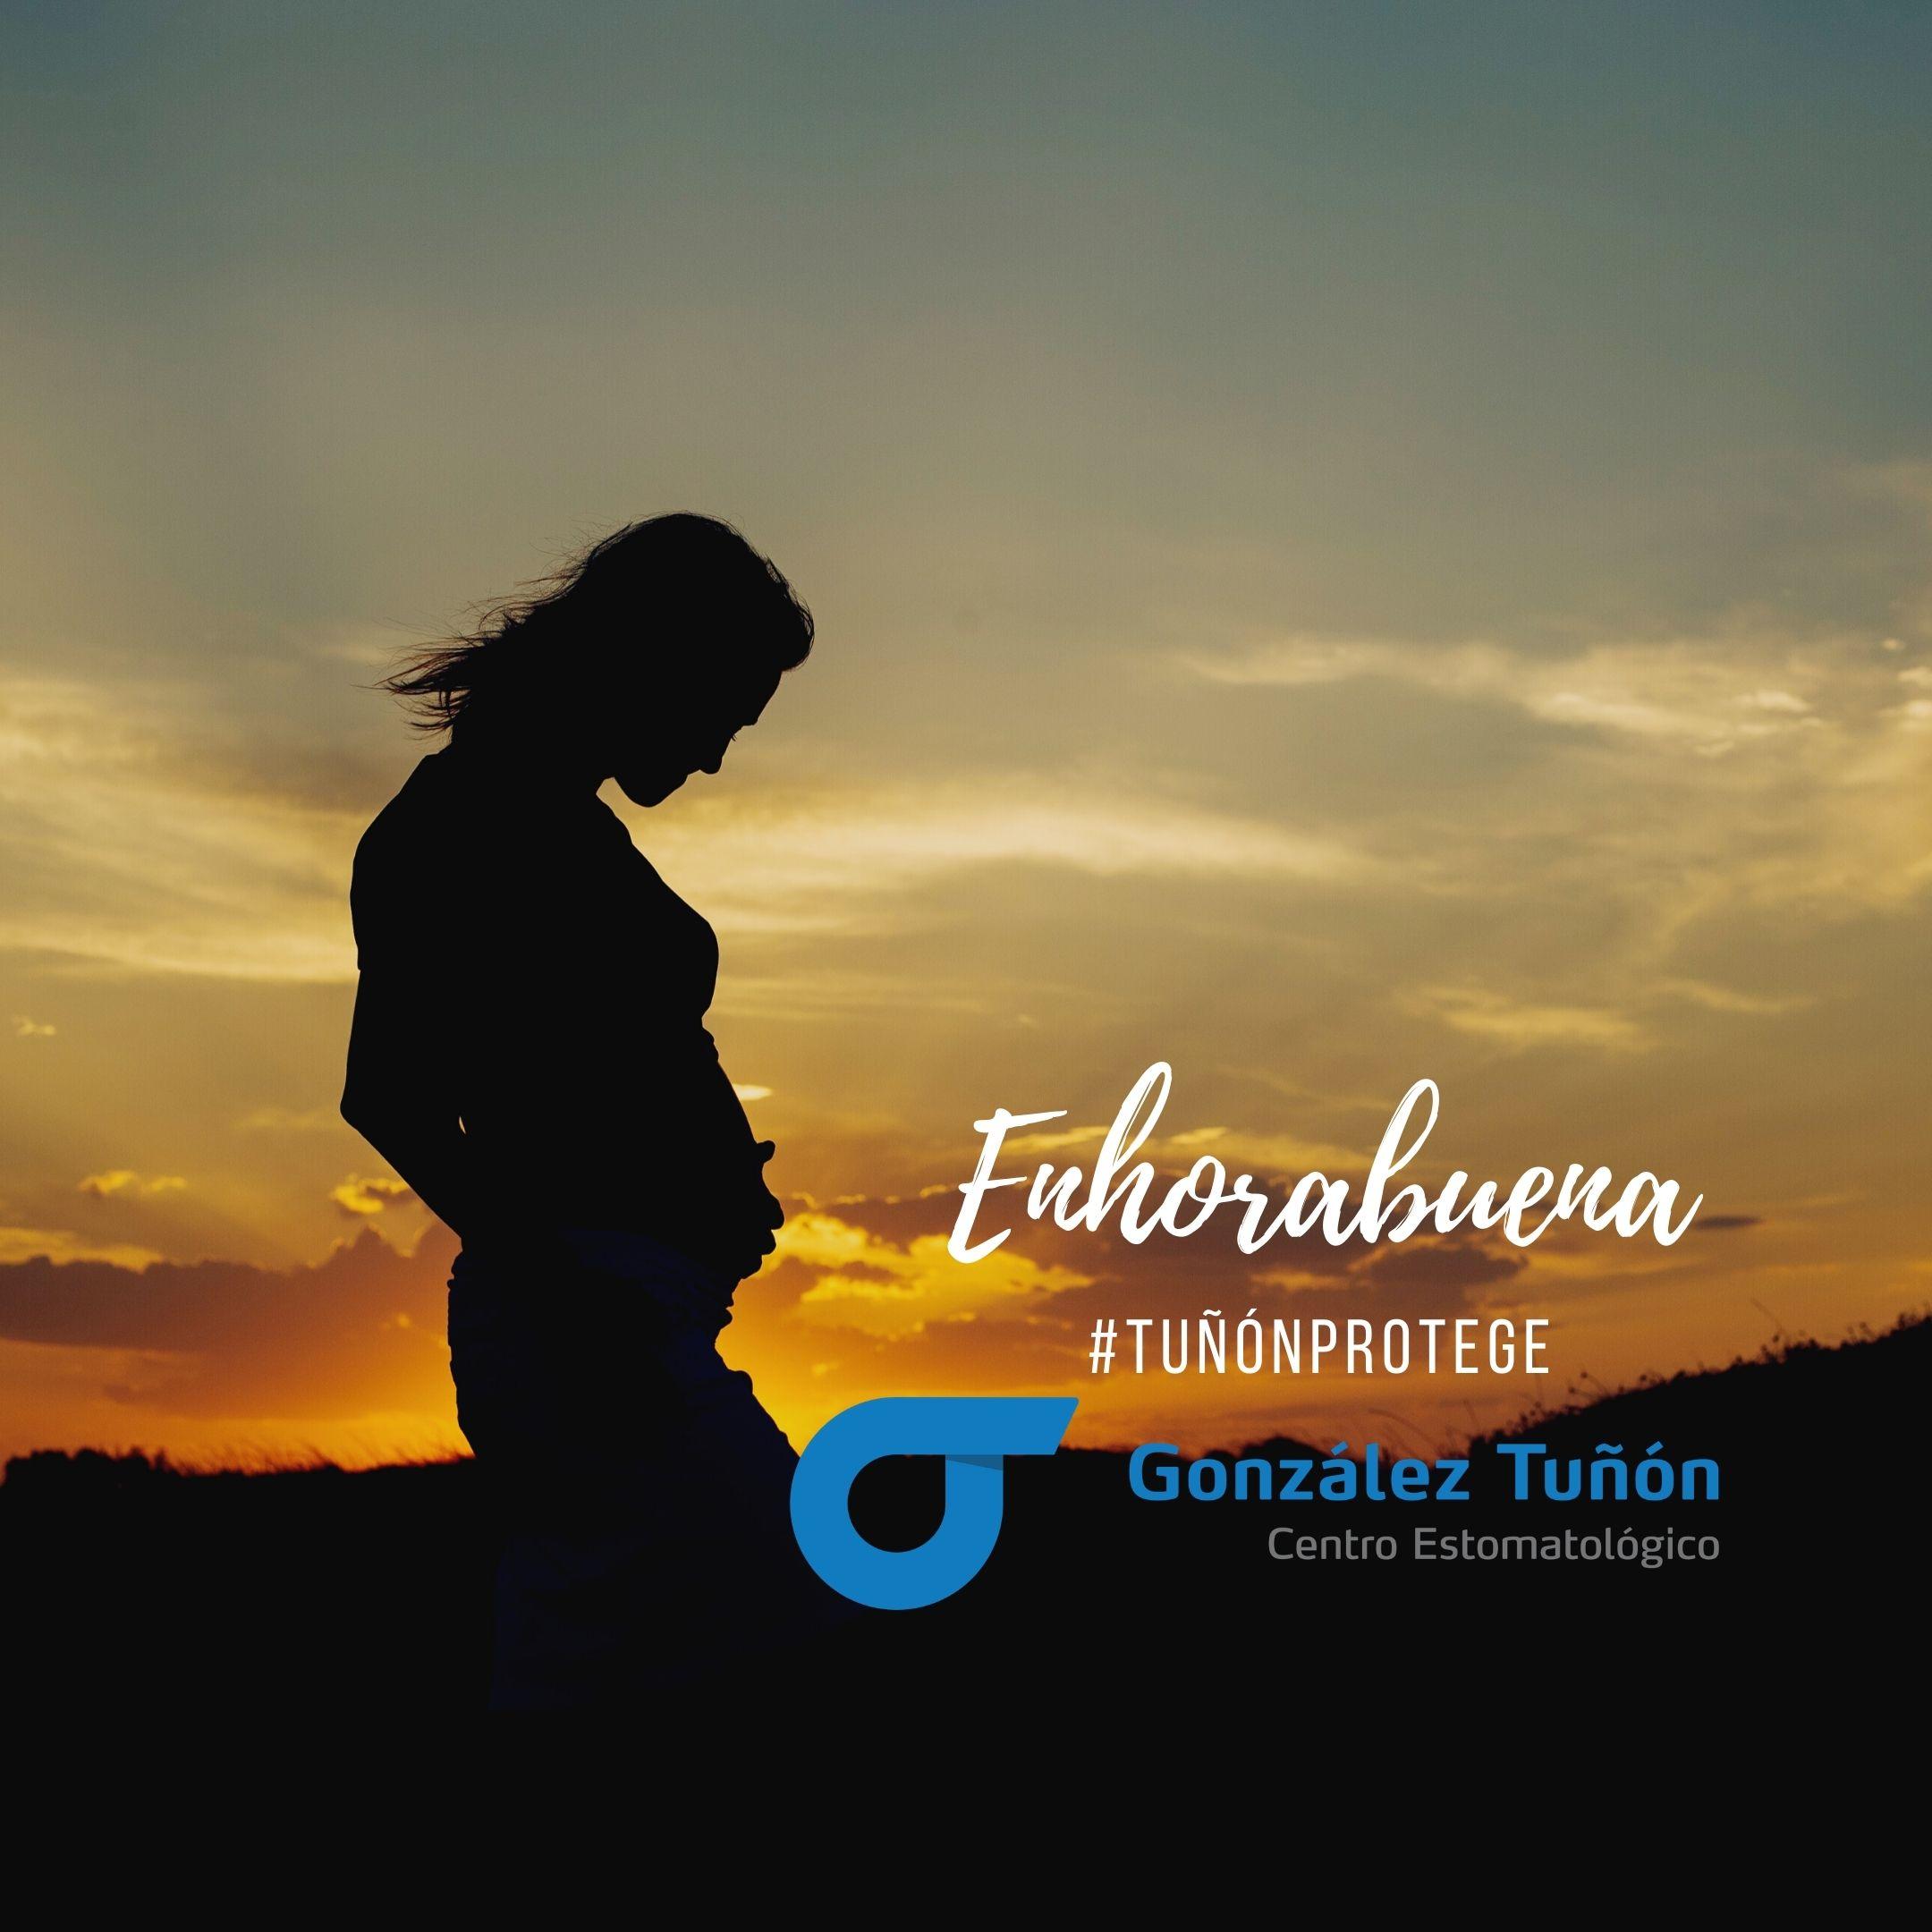 dentista Asturias Tuñón implantología salud bucodental embarazo